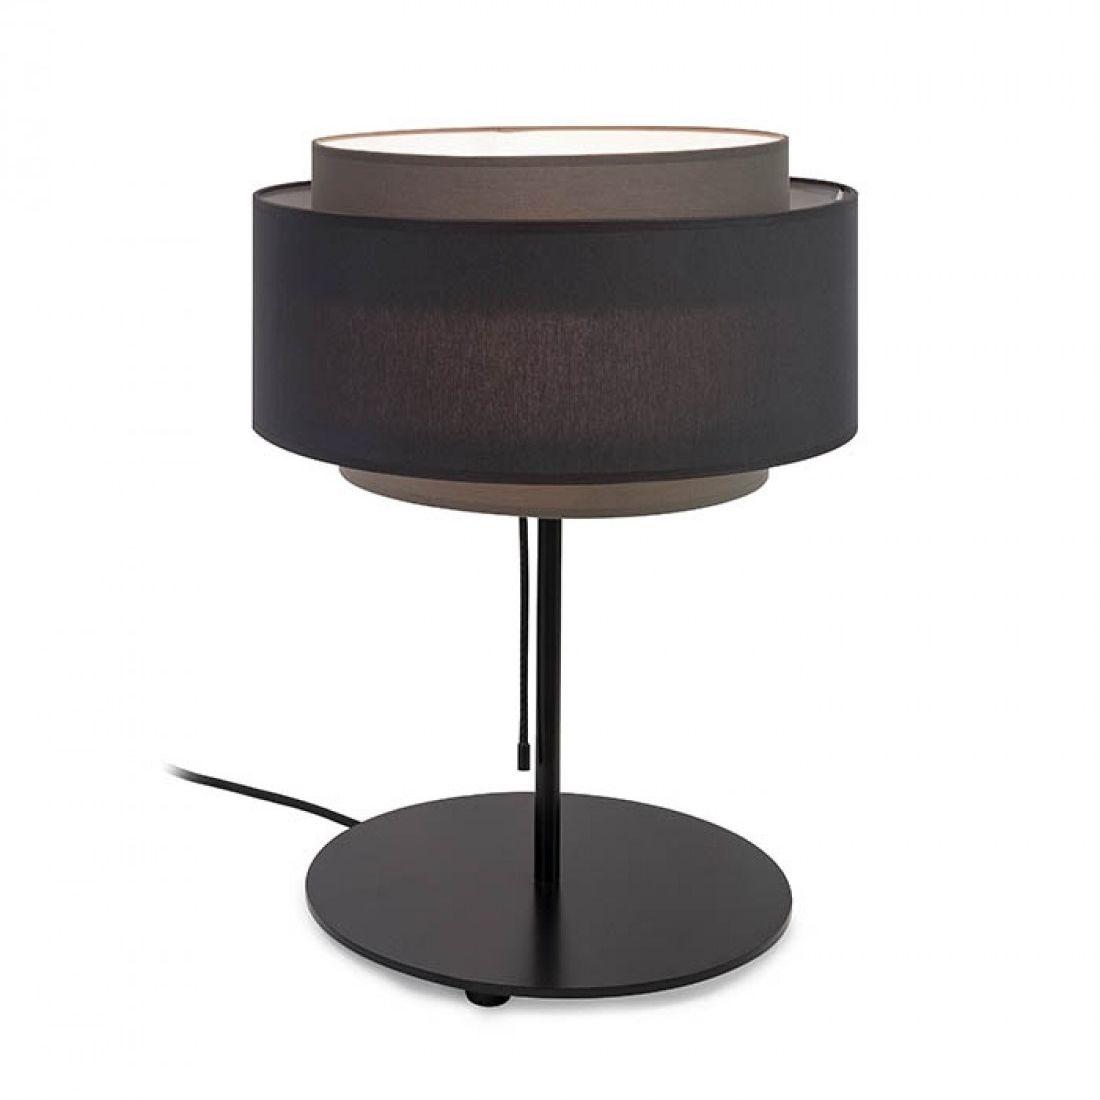 Halo tafellamp Piet Boon zwart